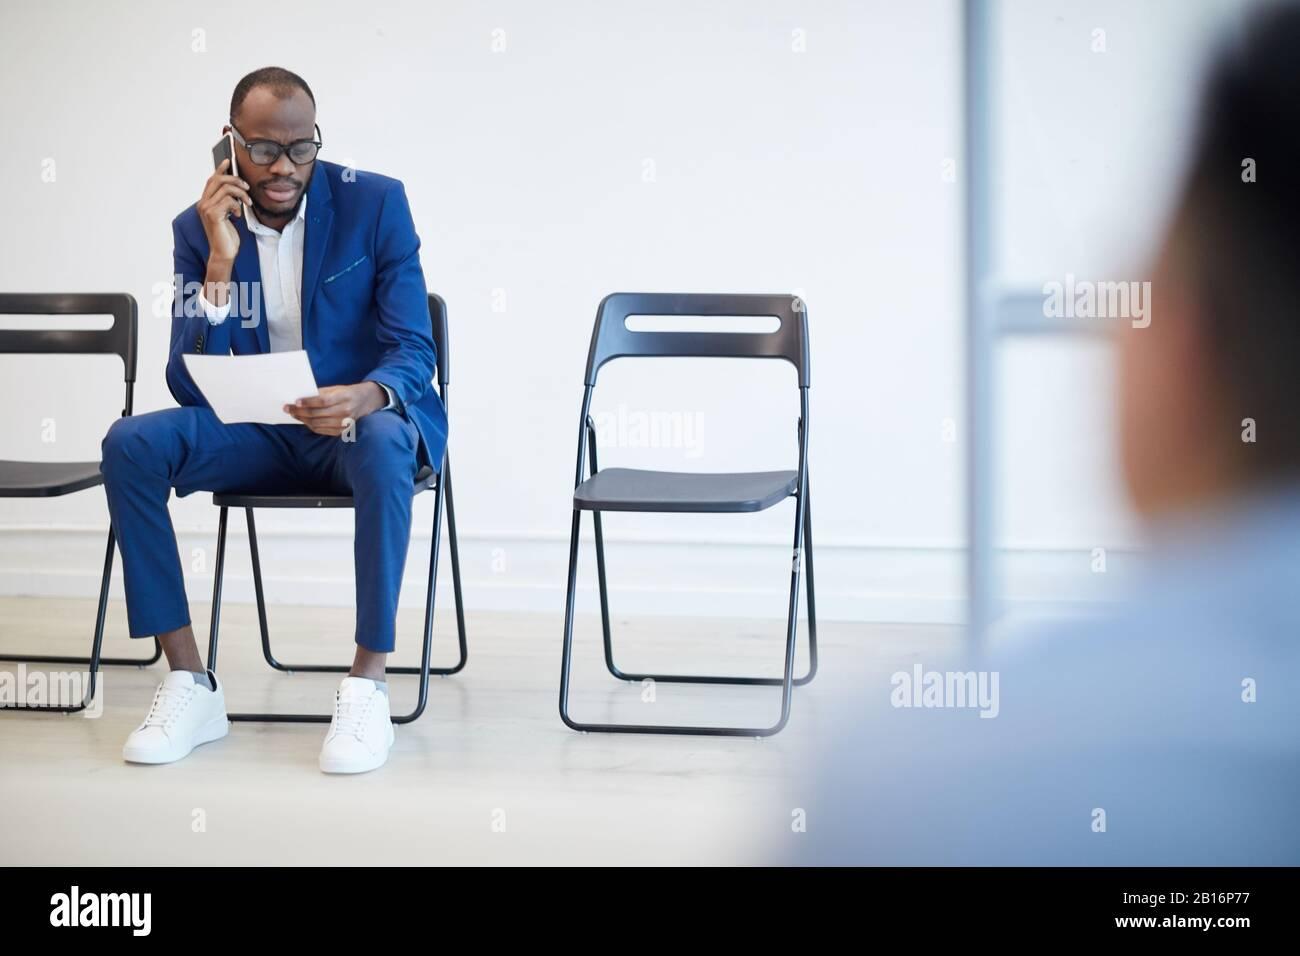 Retrato completo de un hombre afroamericano moderno esperando una entrevista de trabajo detrás de una pared de cristal y hablando por teléfono, espacio de copiado Foto de stock